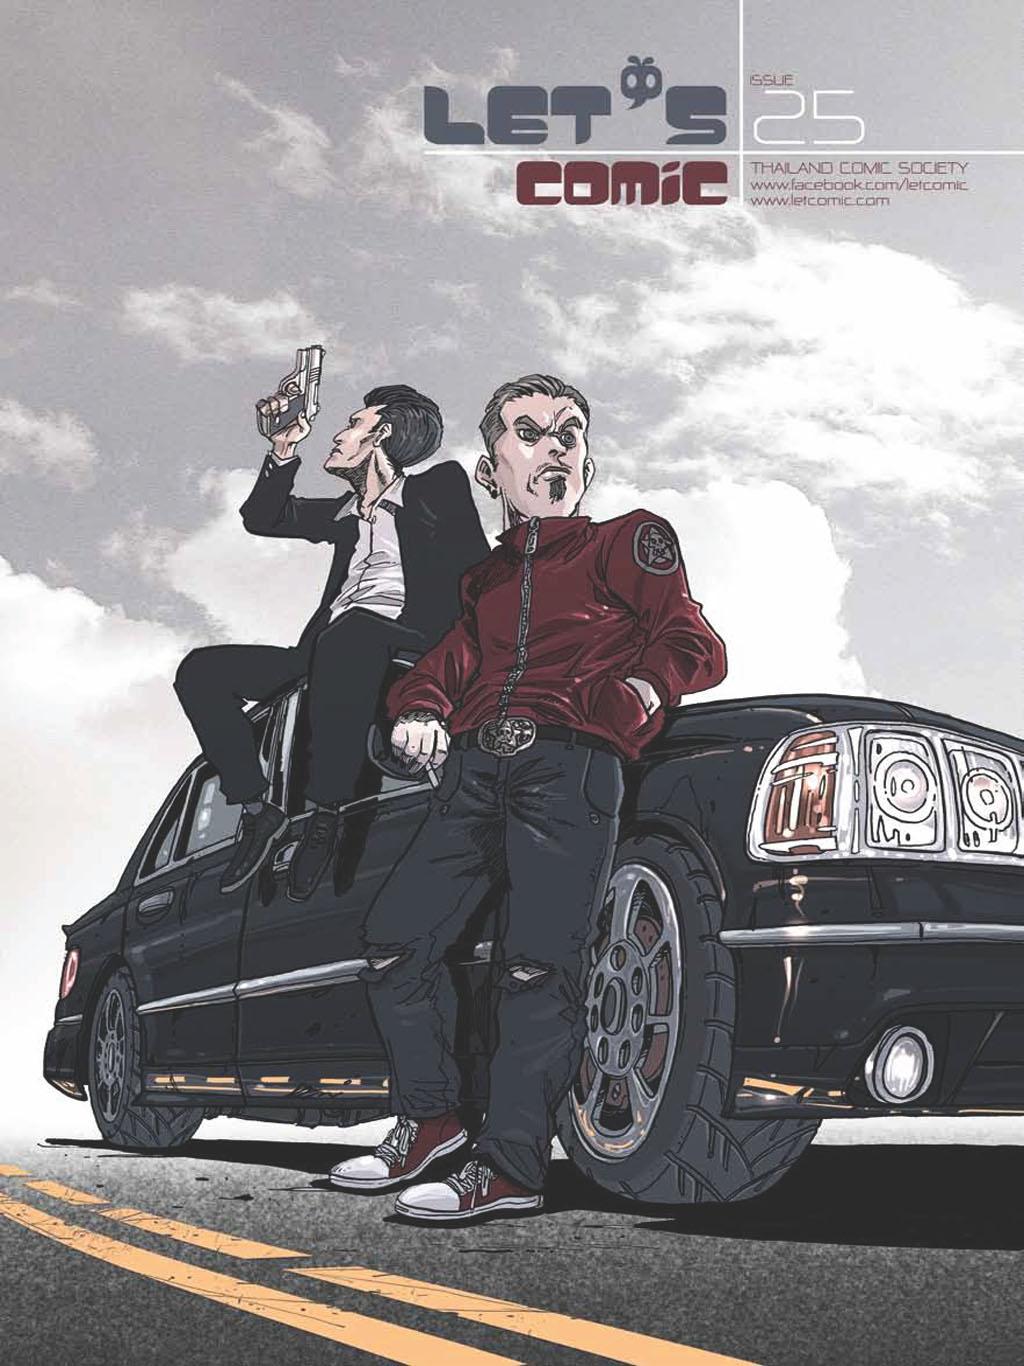 LET'S Comic 25